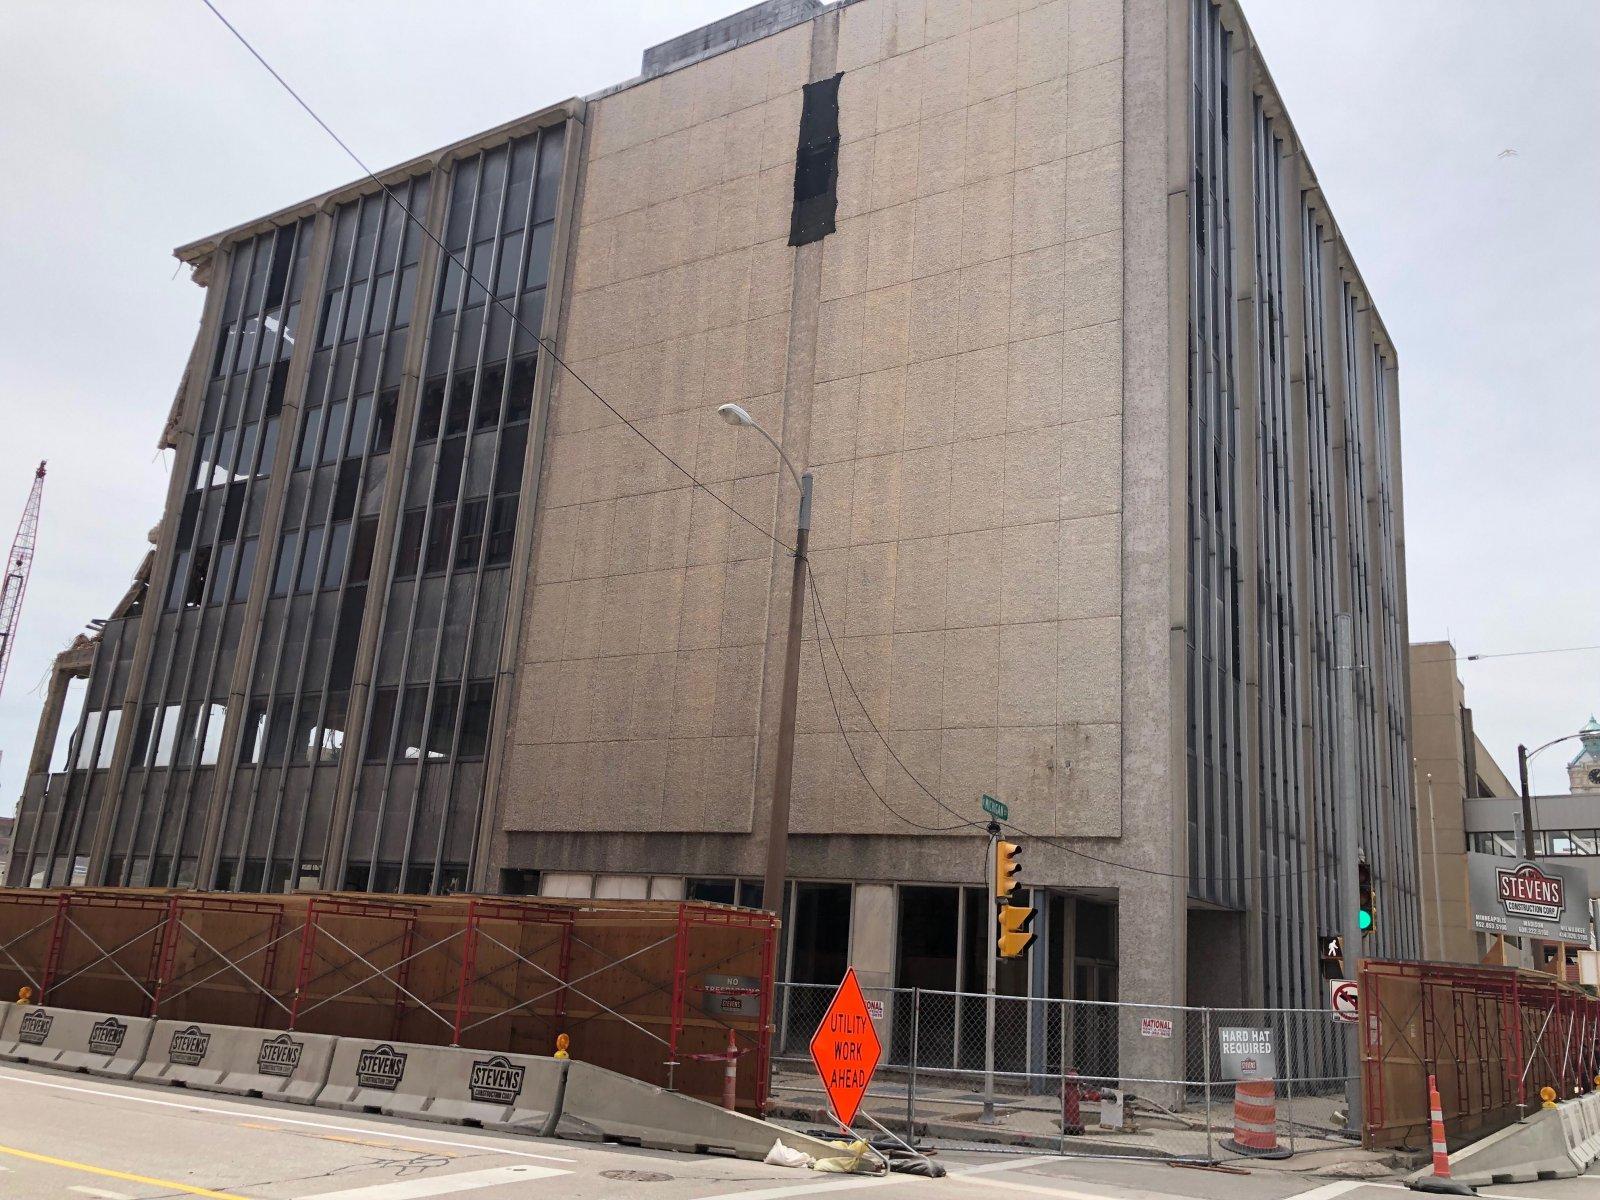 433 E. Michigan St. Demolition